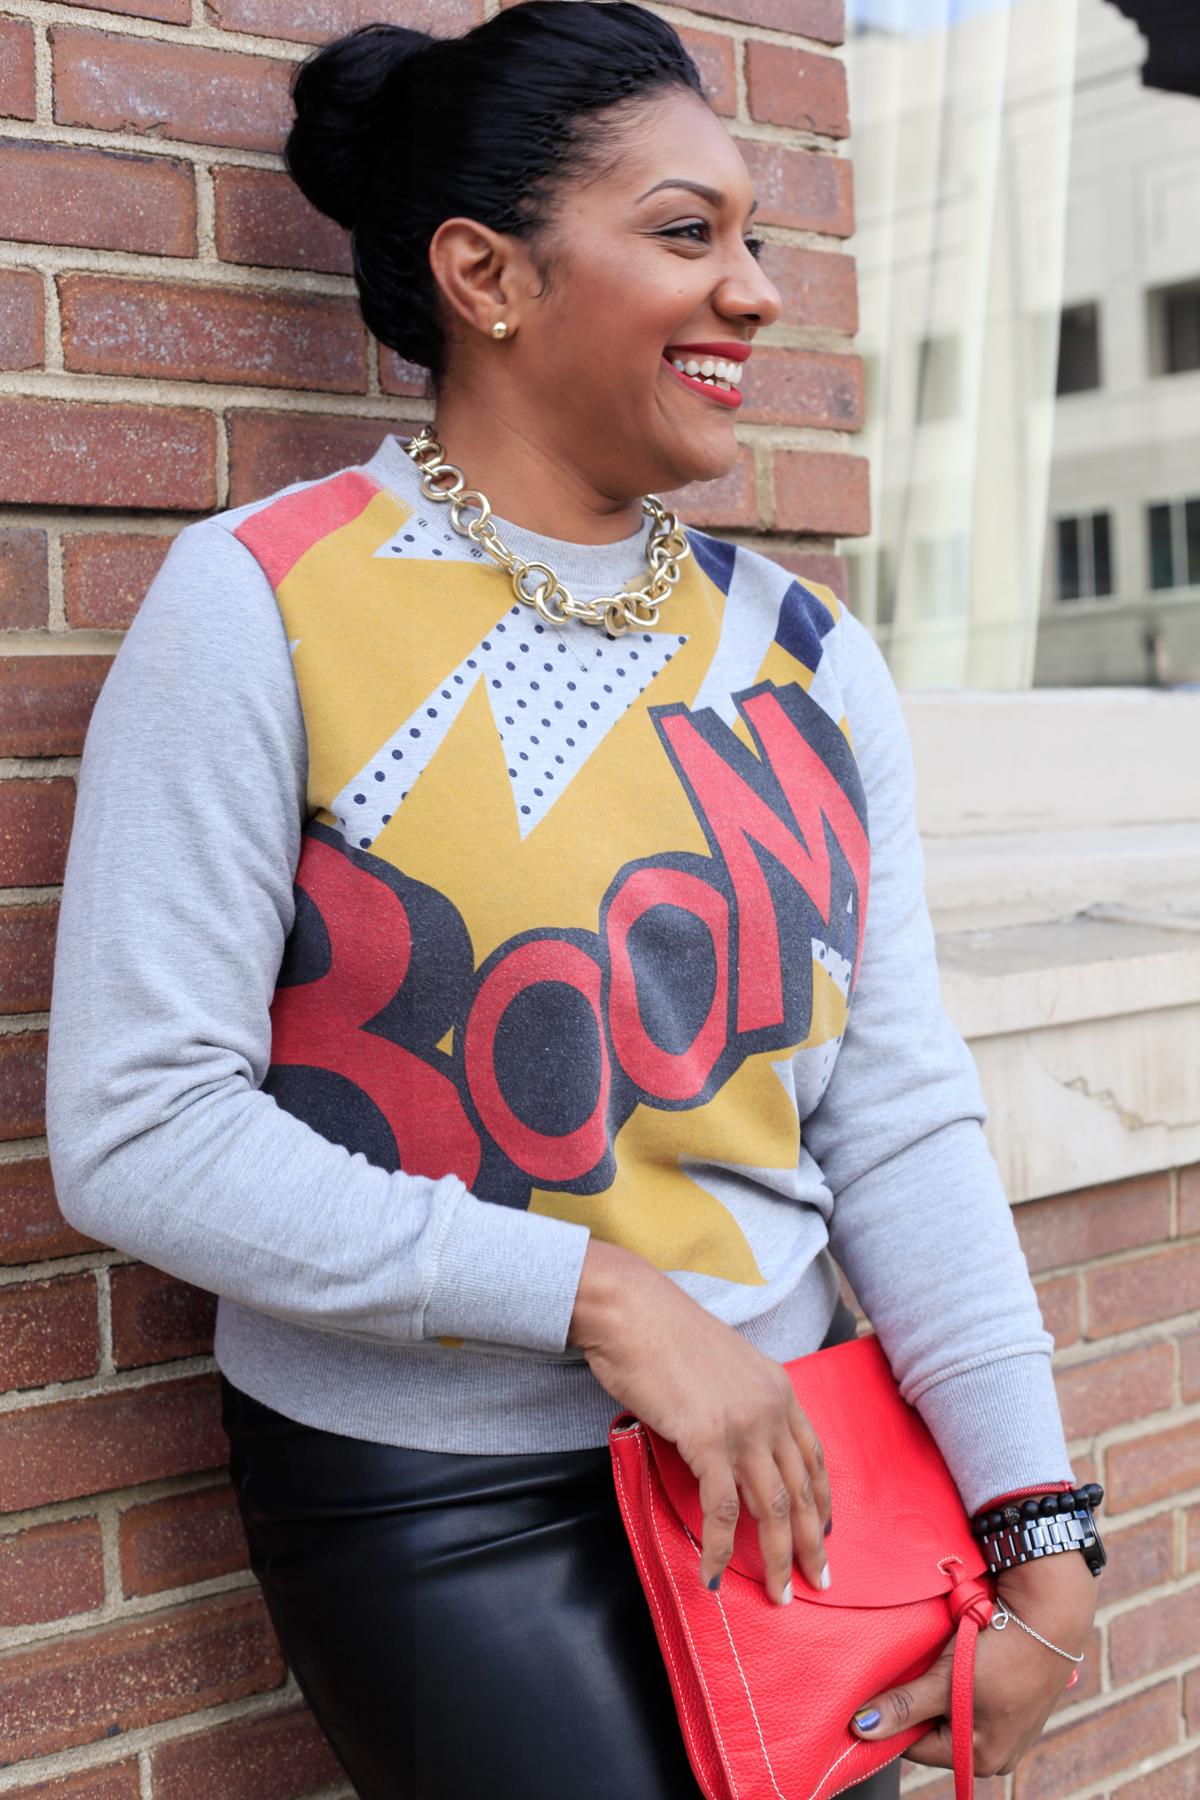 boom-sweatshirt-leather-skirt6